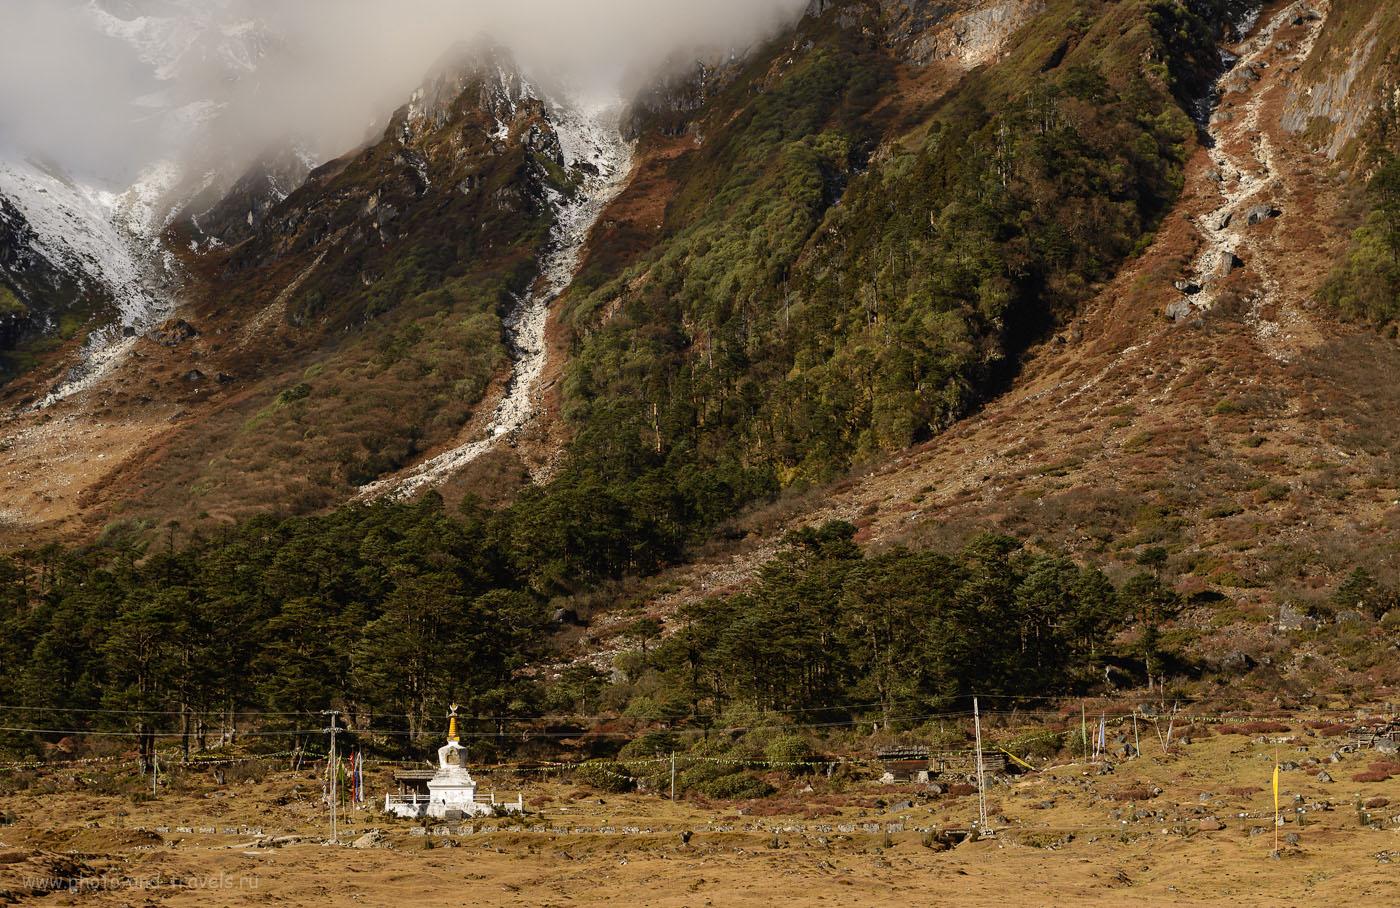 Фотография 24. Ступа в горах долины Yumthang Valley в Сиккиме. Стоит ли ехать в путешествие по Индии? 8.0, 1/125, 160, 70.